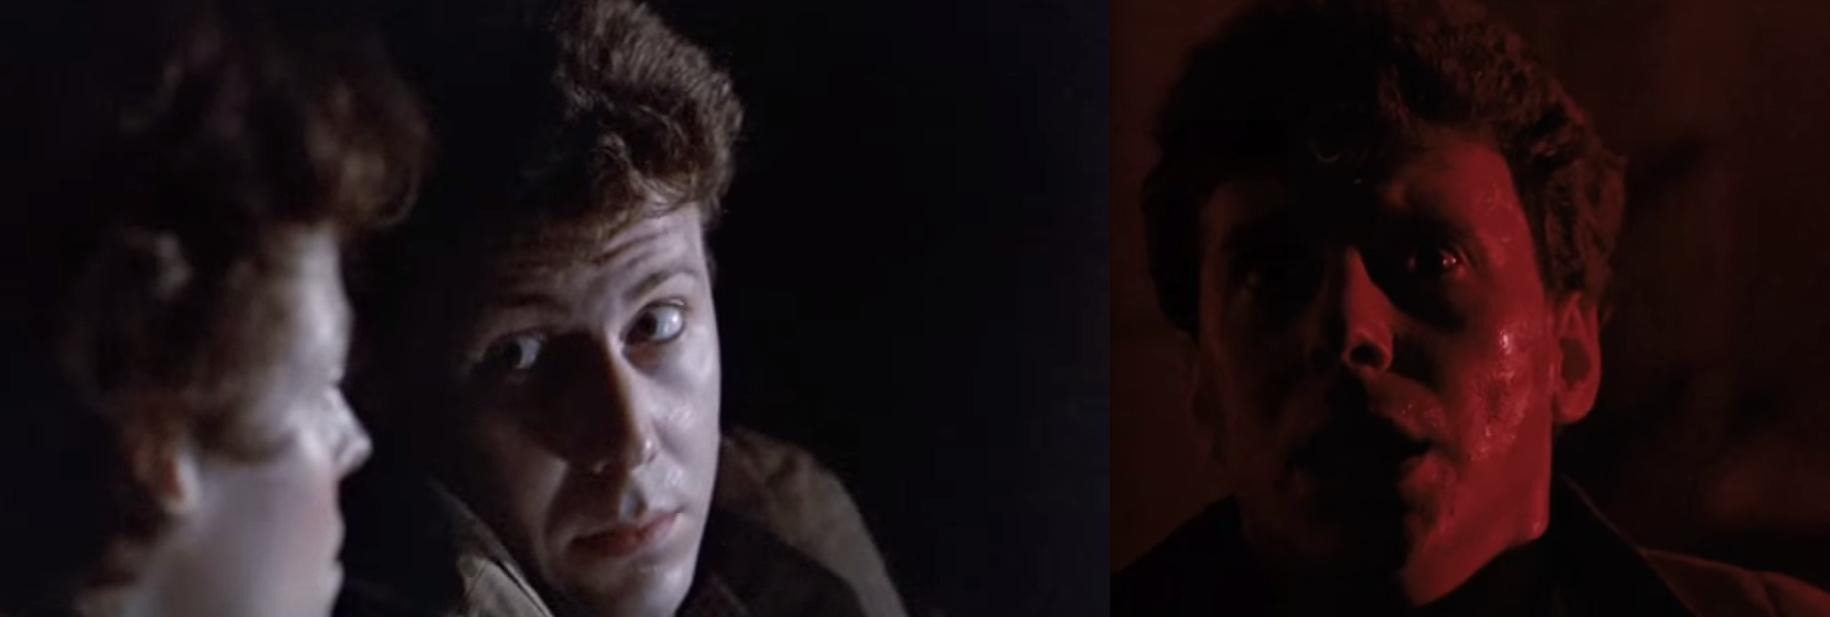 Horror Movie Assholes : Carter Burke 2